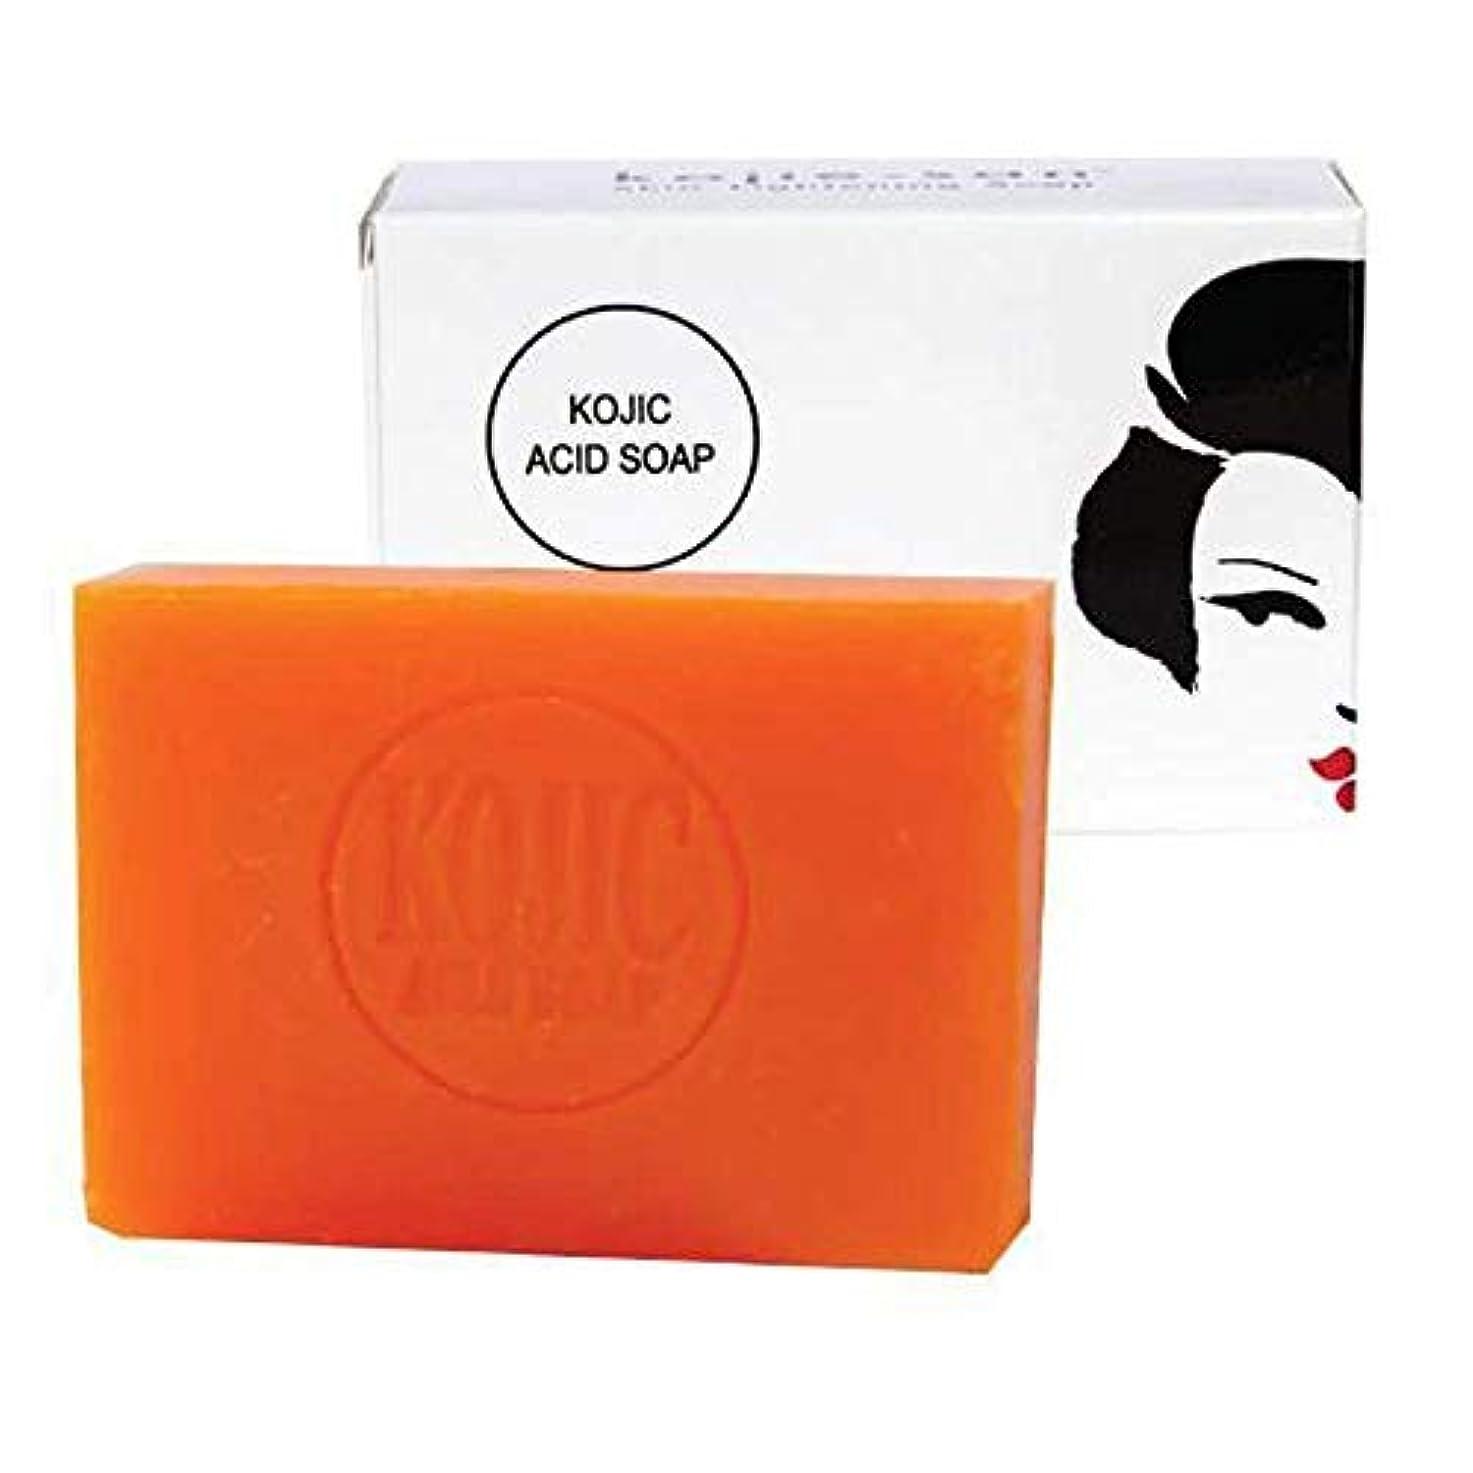 パラダイスめんどりパキスタン人Kojie San Skin Lightening Kojic Acid Soap 2 Bars - 65G Fades Age Spots, Freckles, And Other Signs Of Sun Damage...